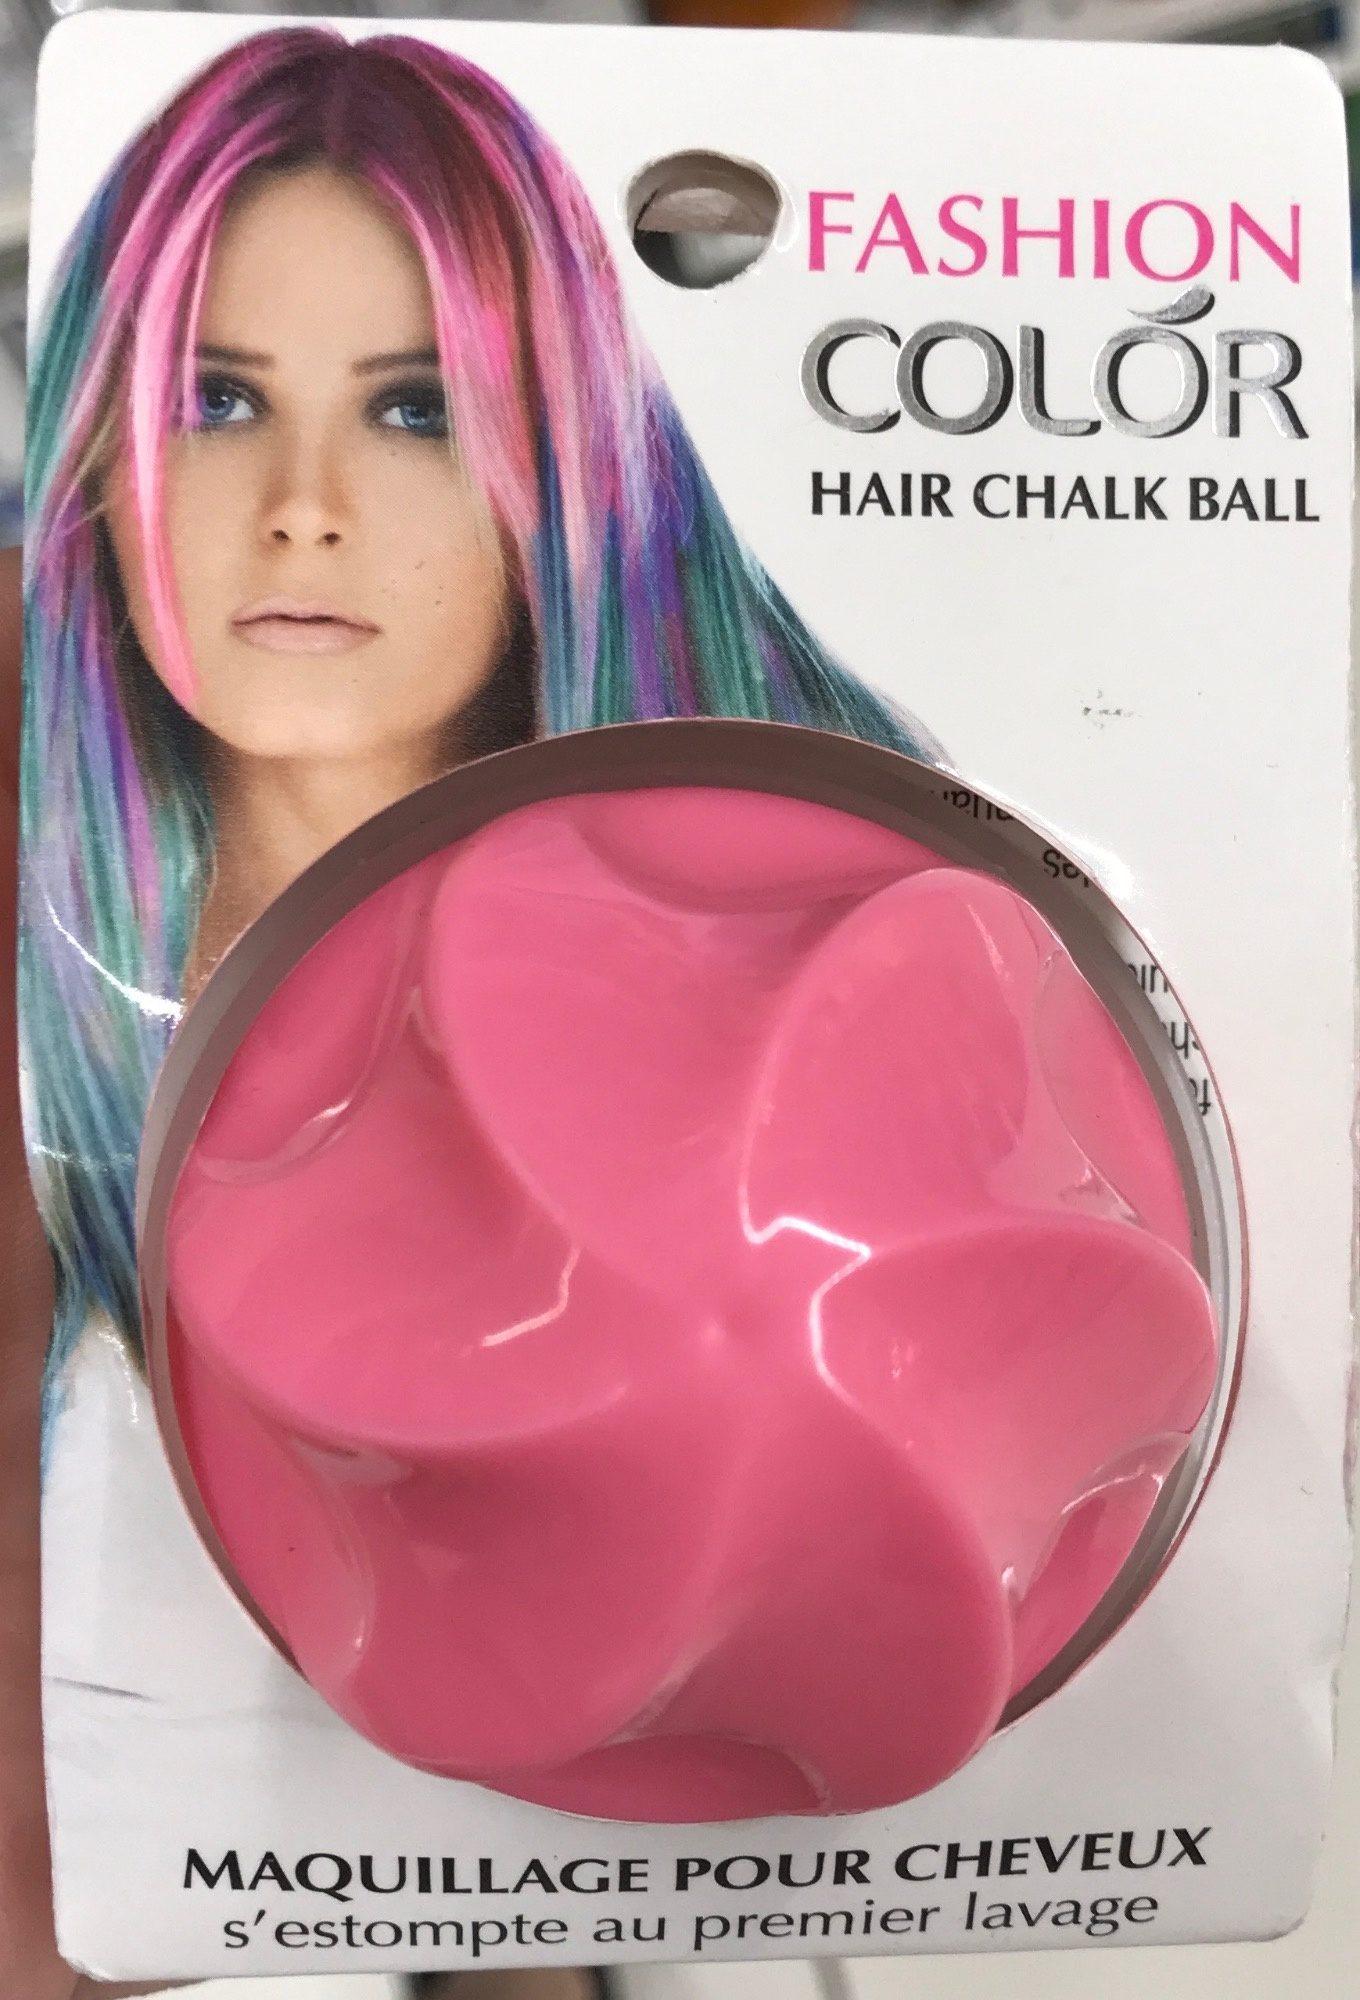 Maquillage pour cheveux - Produit - fr